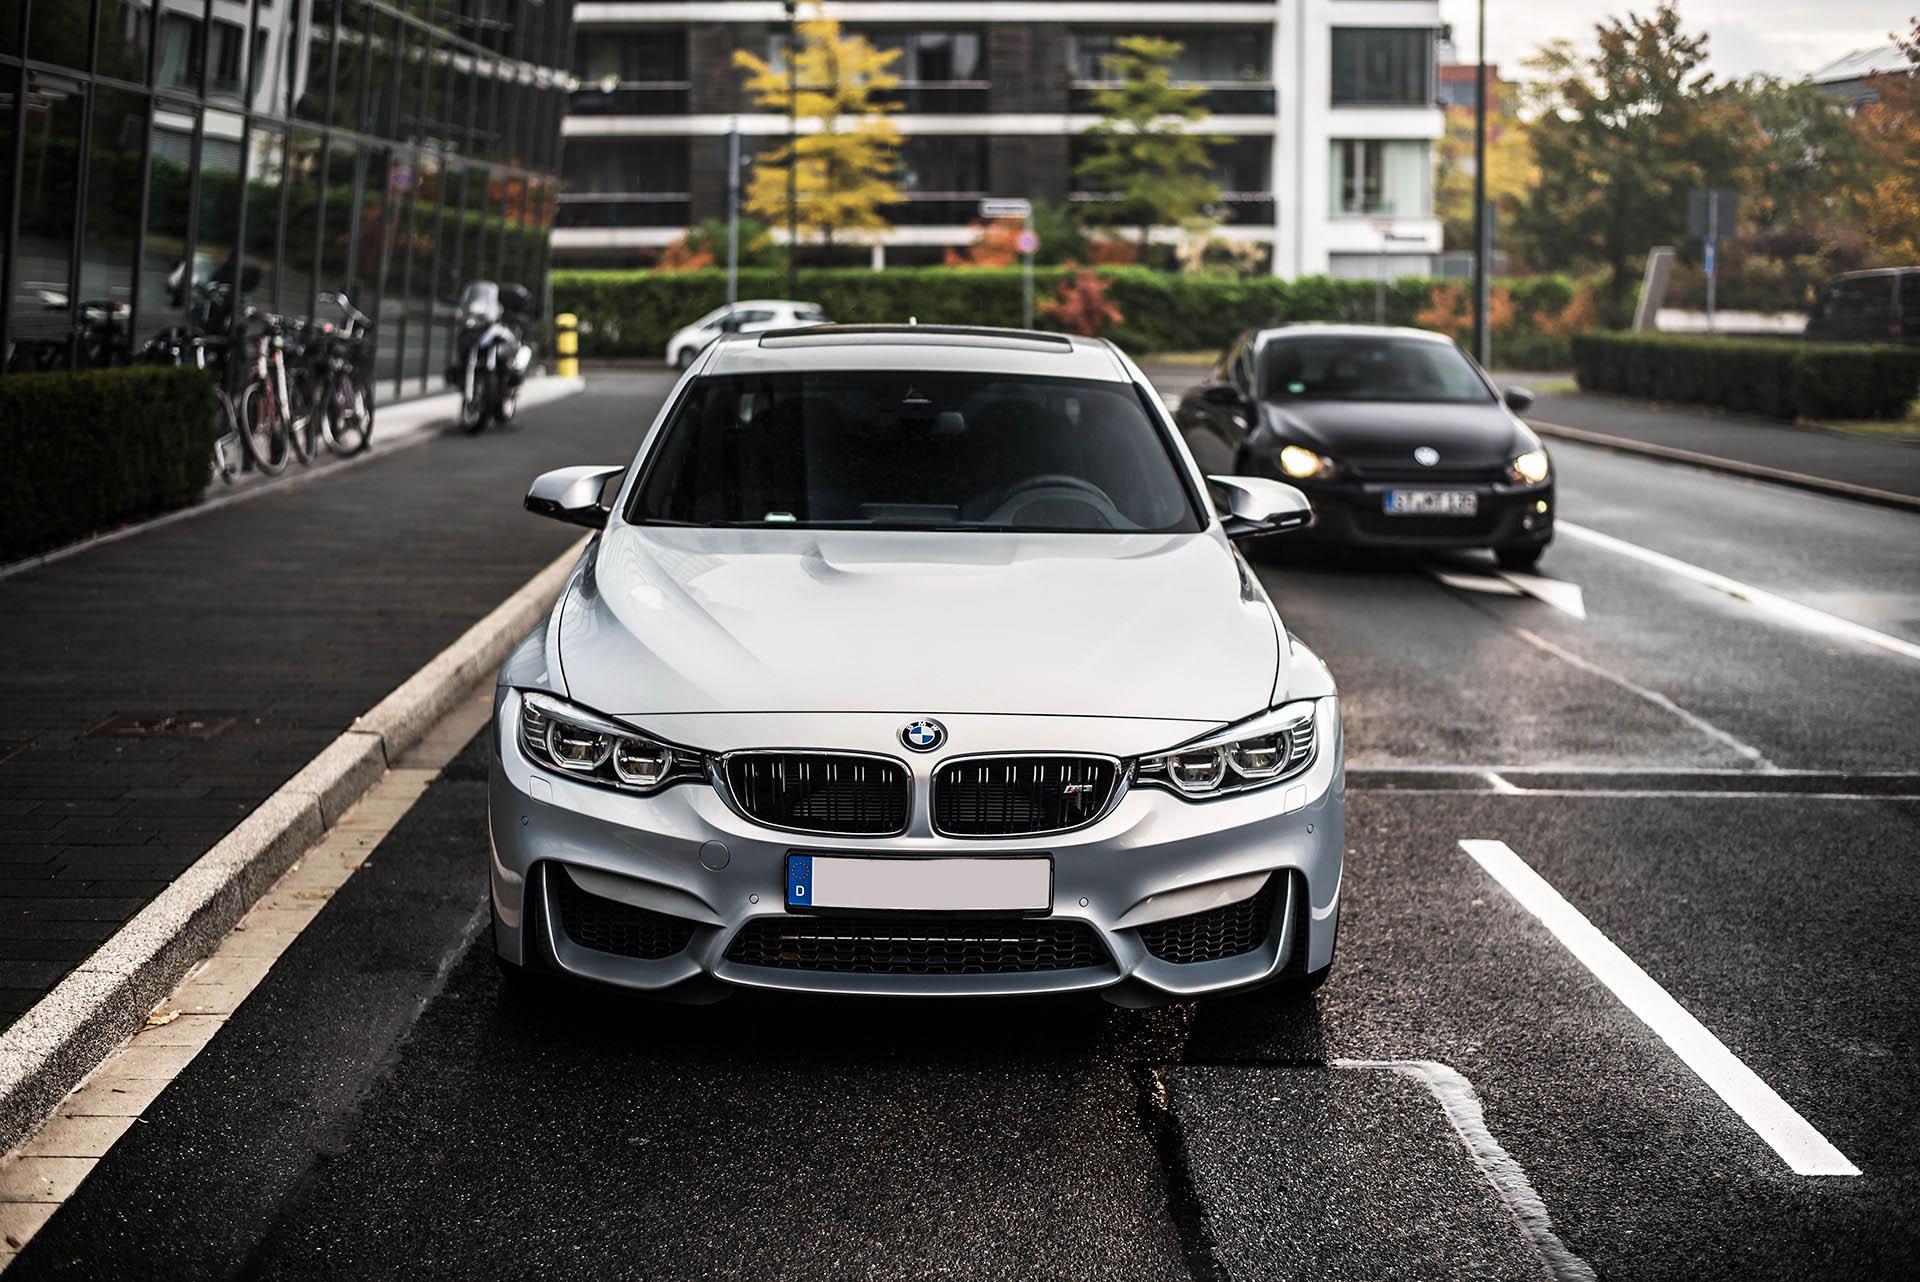 B&K_Sportwagen_Rheinland_GmbH_BMW_M3_Silber_9